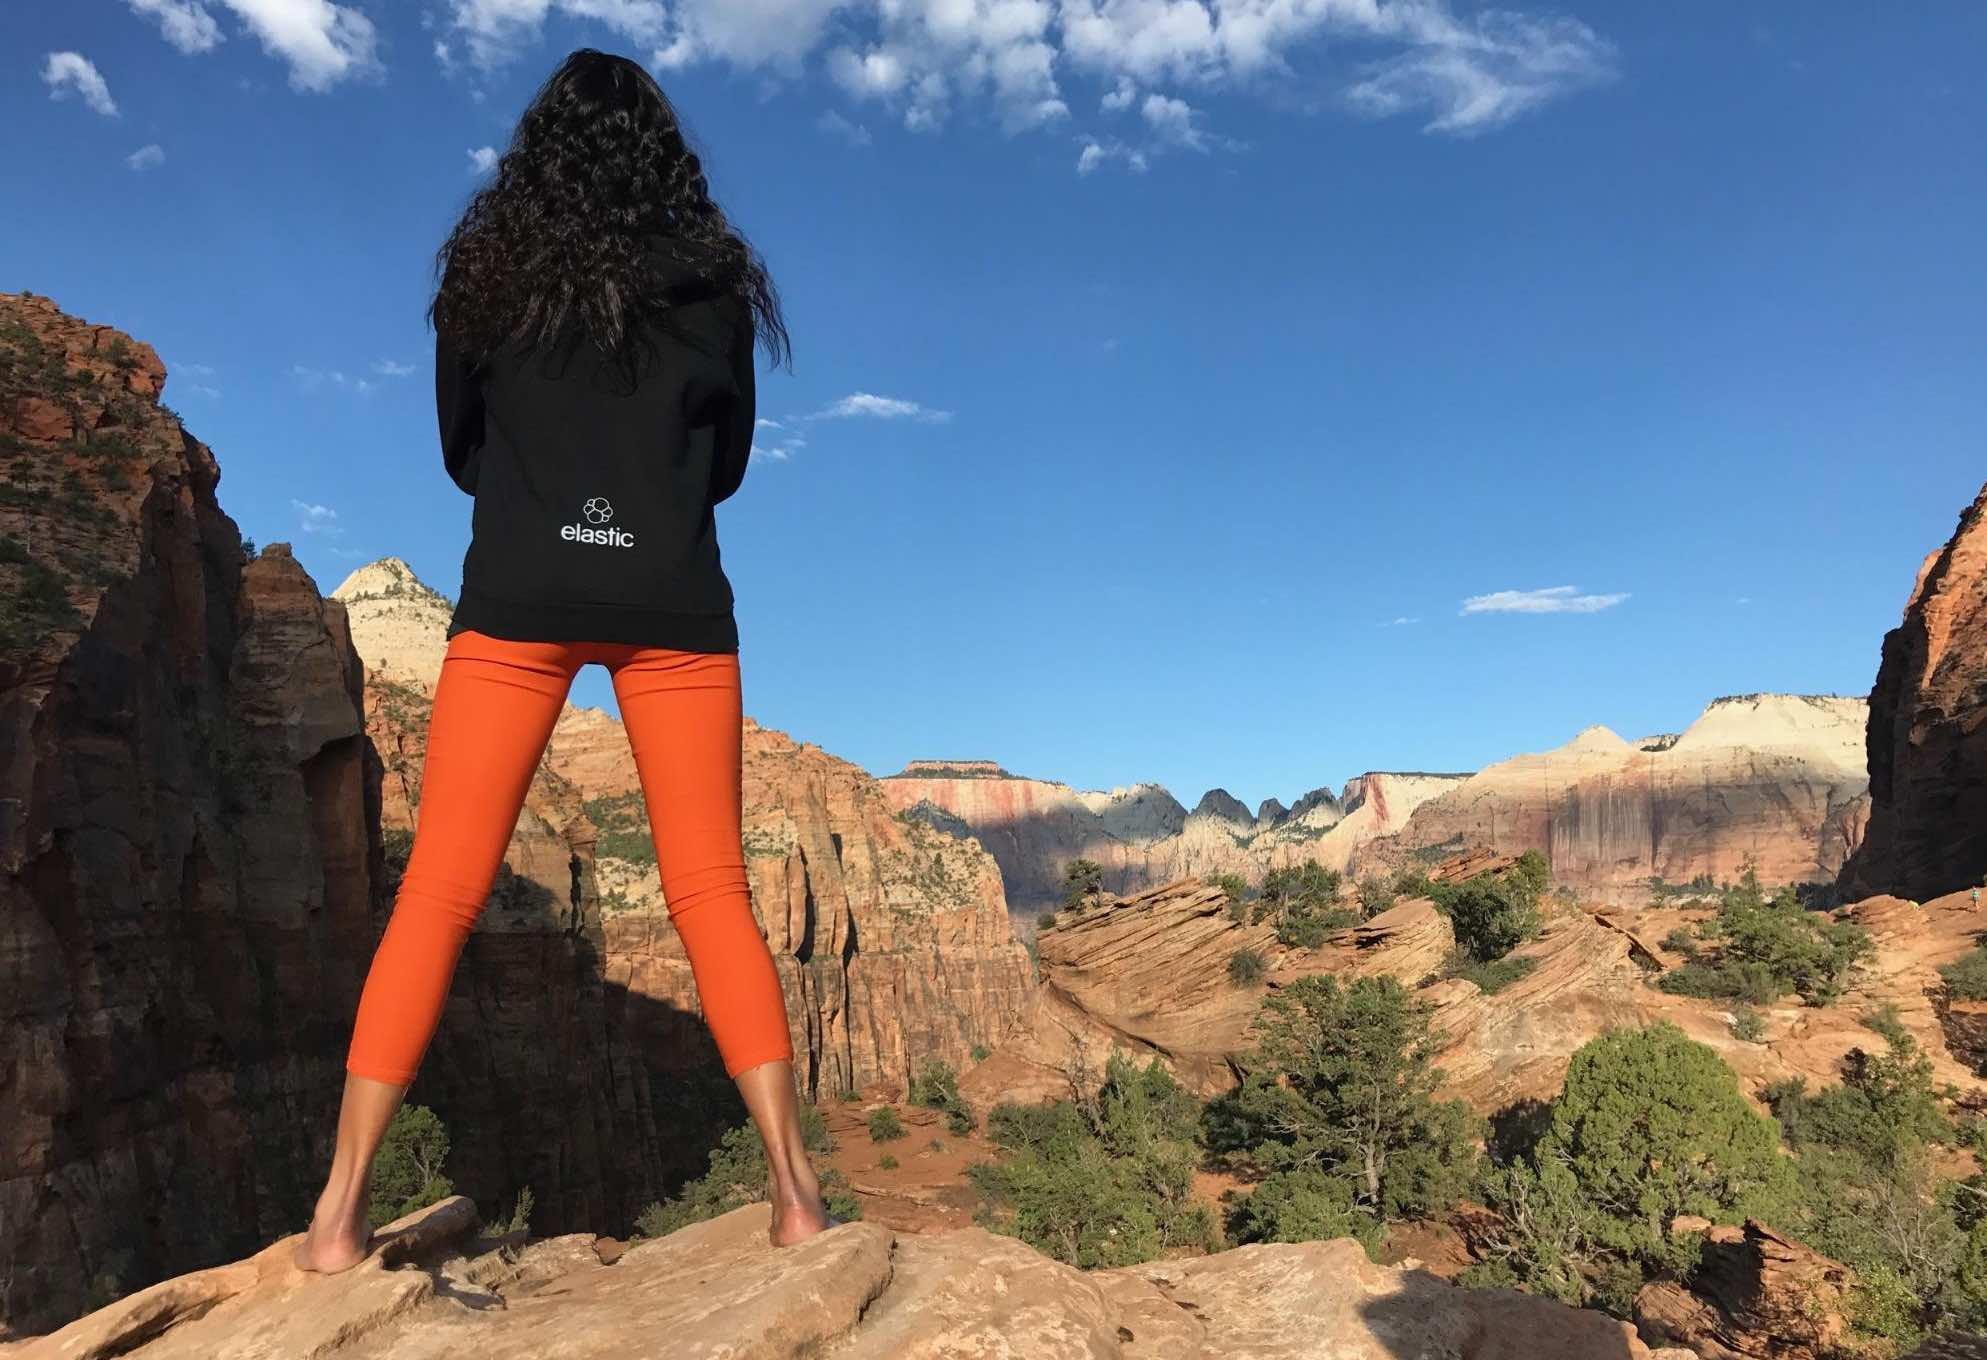 Celine on mountain range